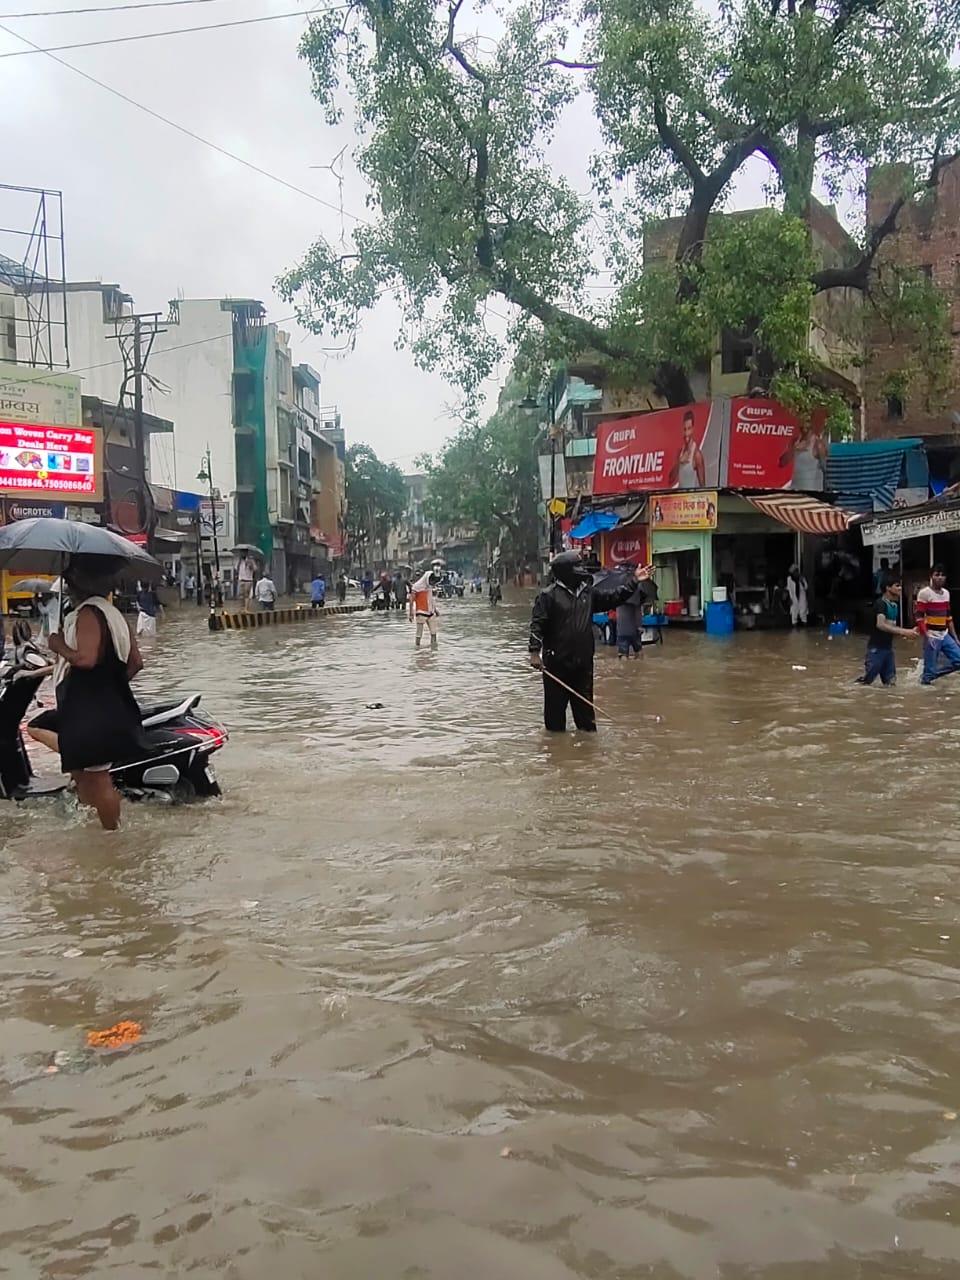 कई मुहल्लों में भरा पानी, घरों में कैद हुई लोग;जाम से रेंगती रही गाड़ियां वाराणसी,Varanasi - Dainik Bhaskar